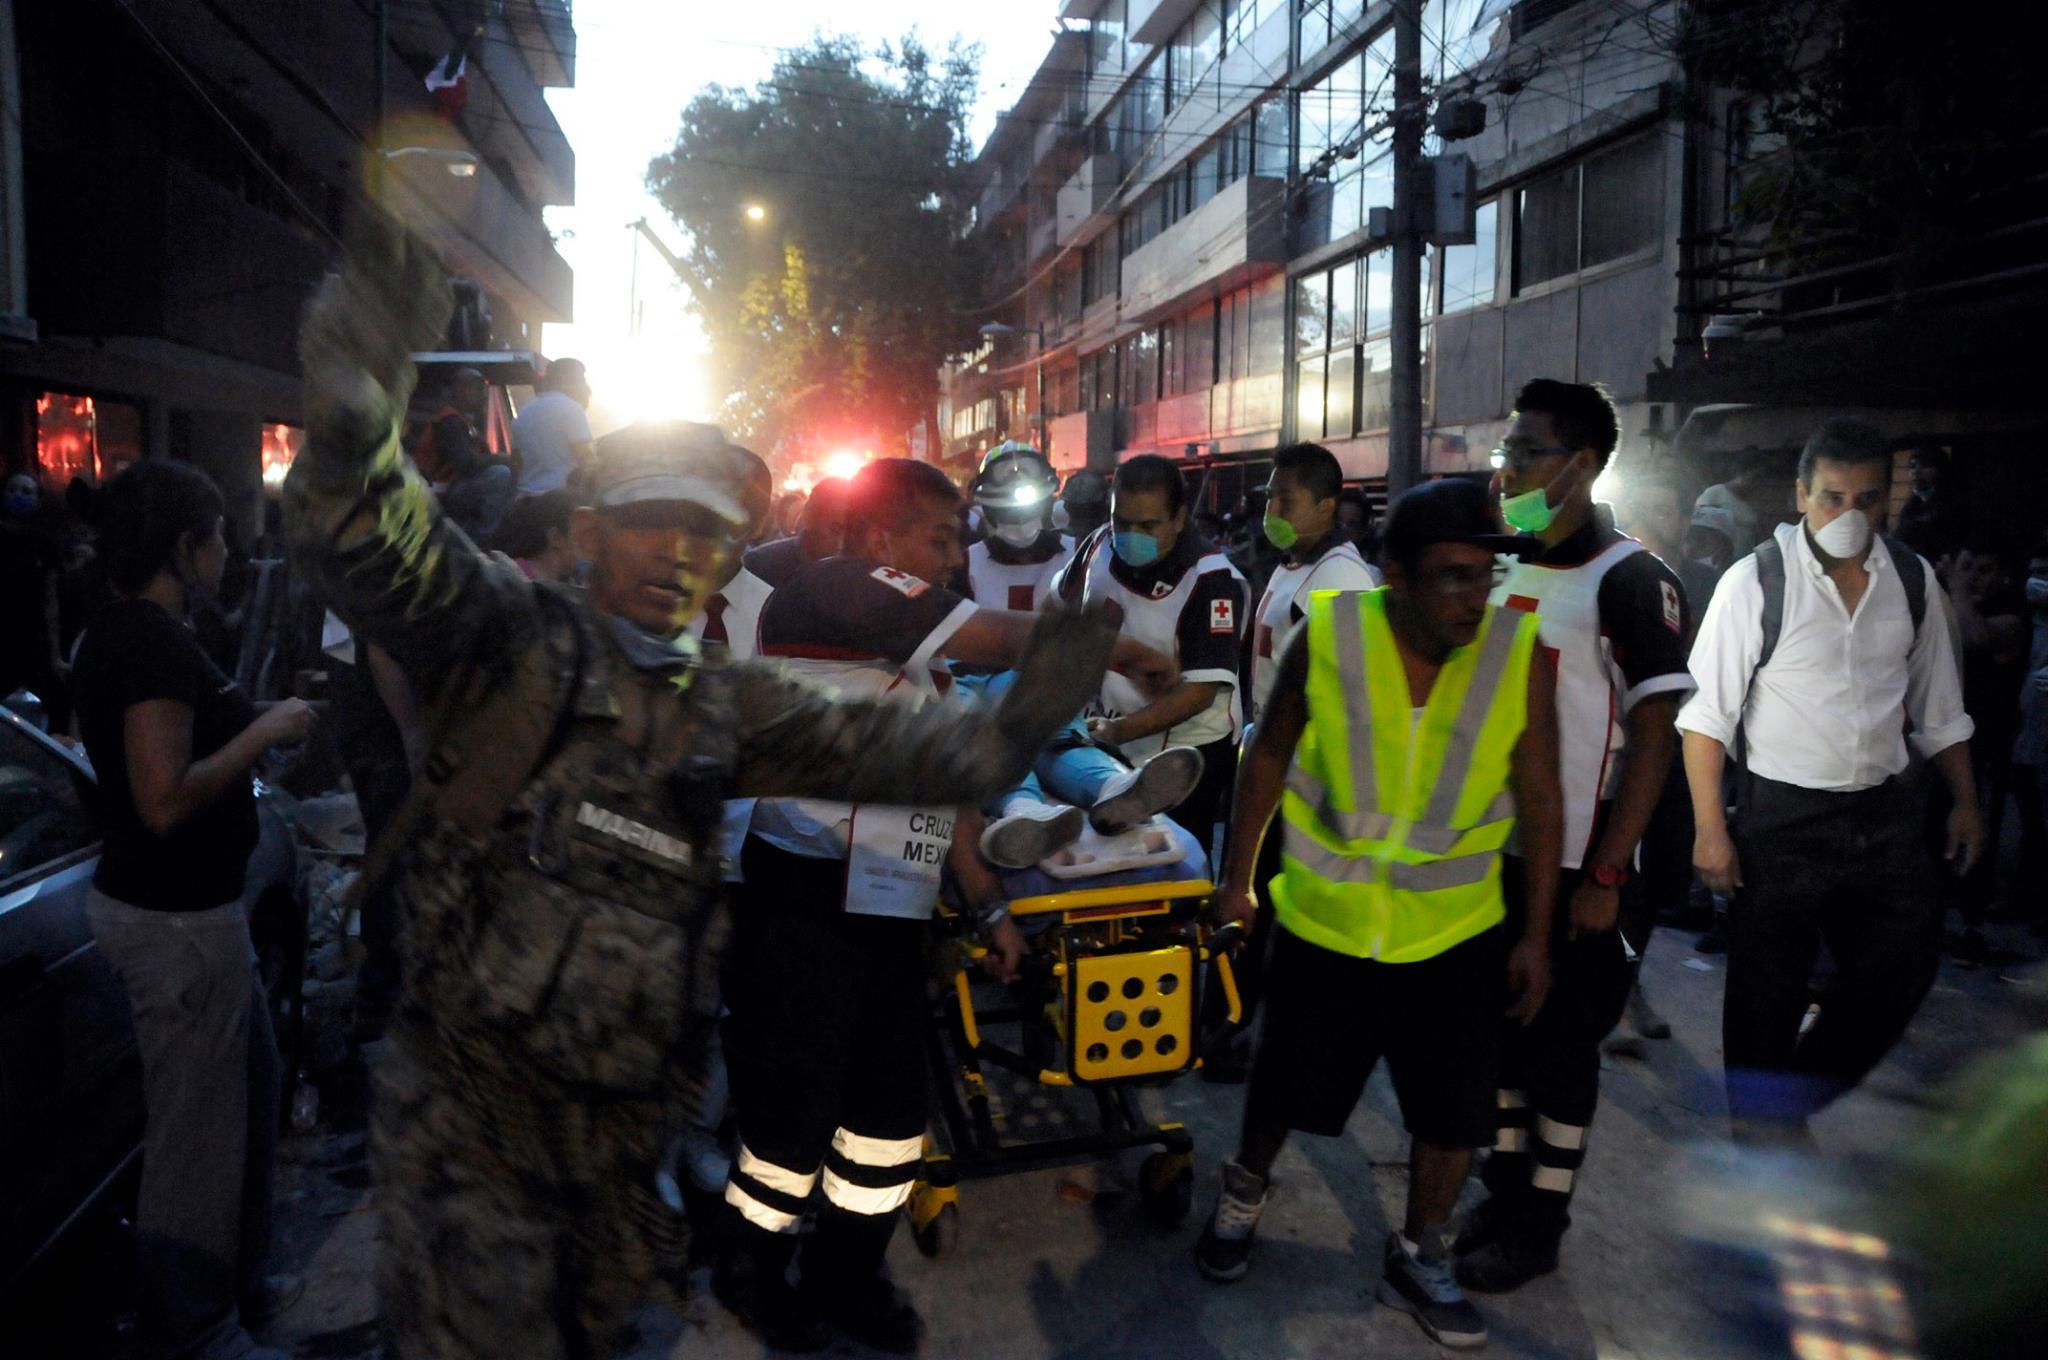 Los sismos no se pueden predecir: Protección Civil